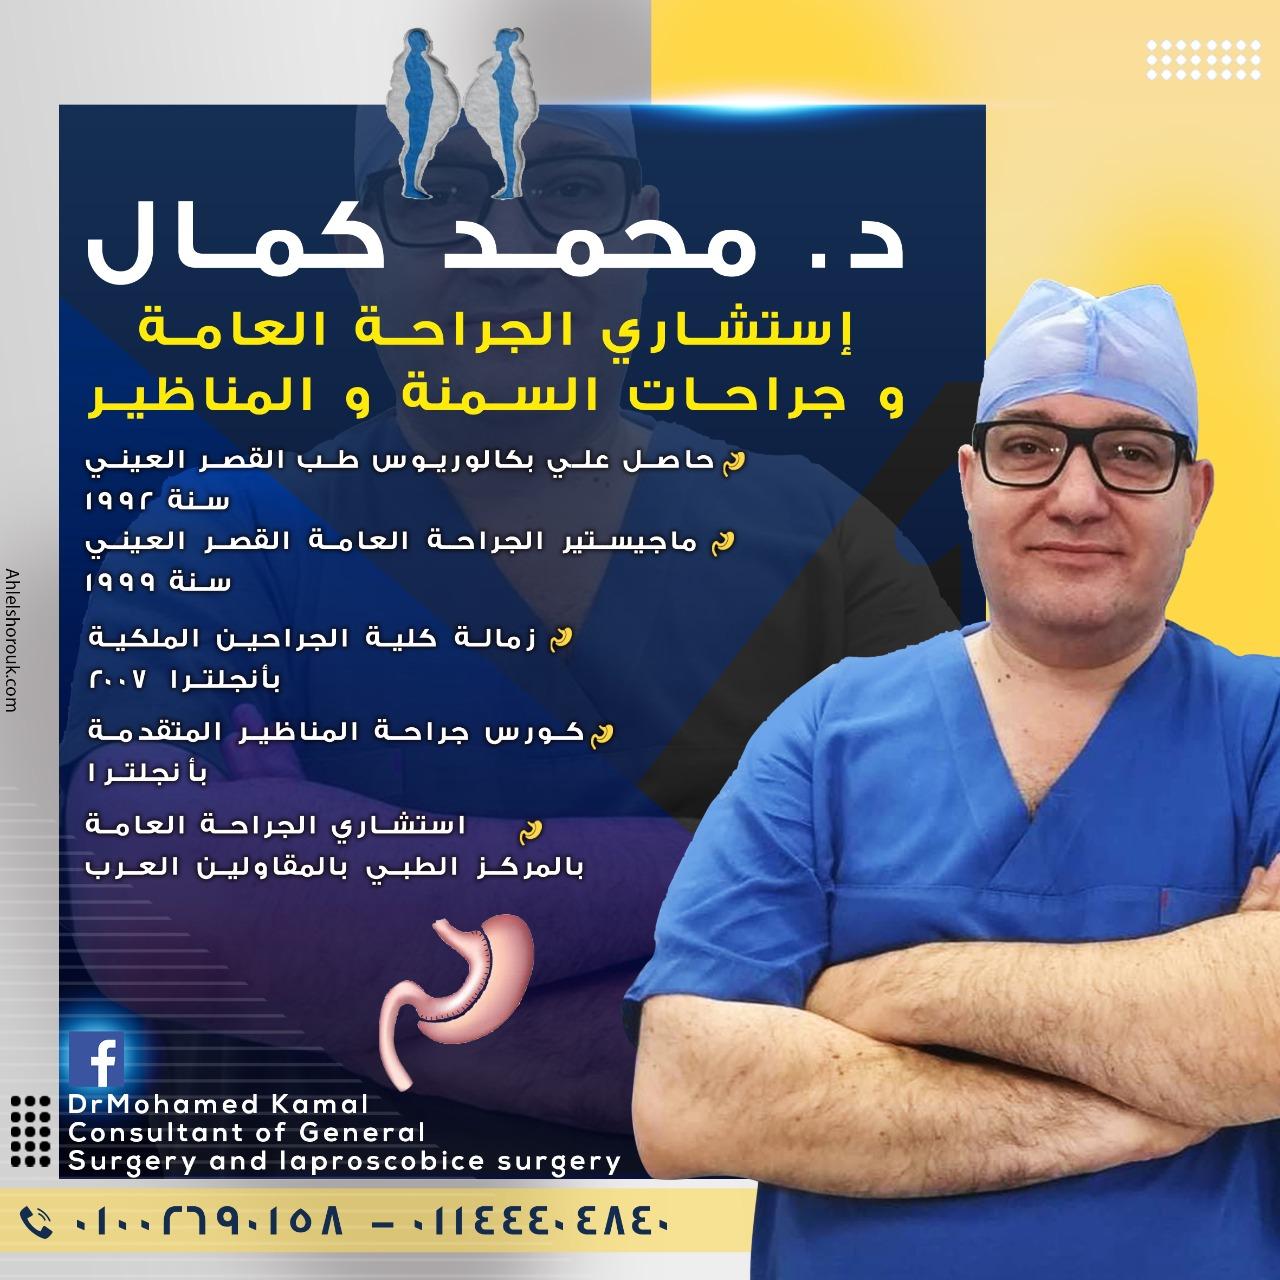 دكتور محمد كمال استشاري الجراحة العامة و جراحات السمنة و المناظير